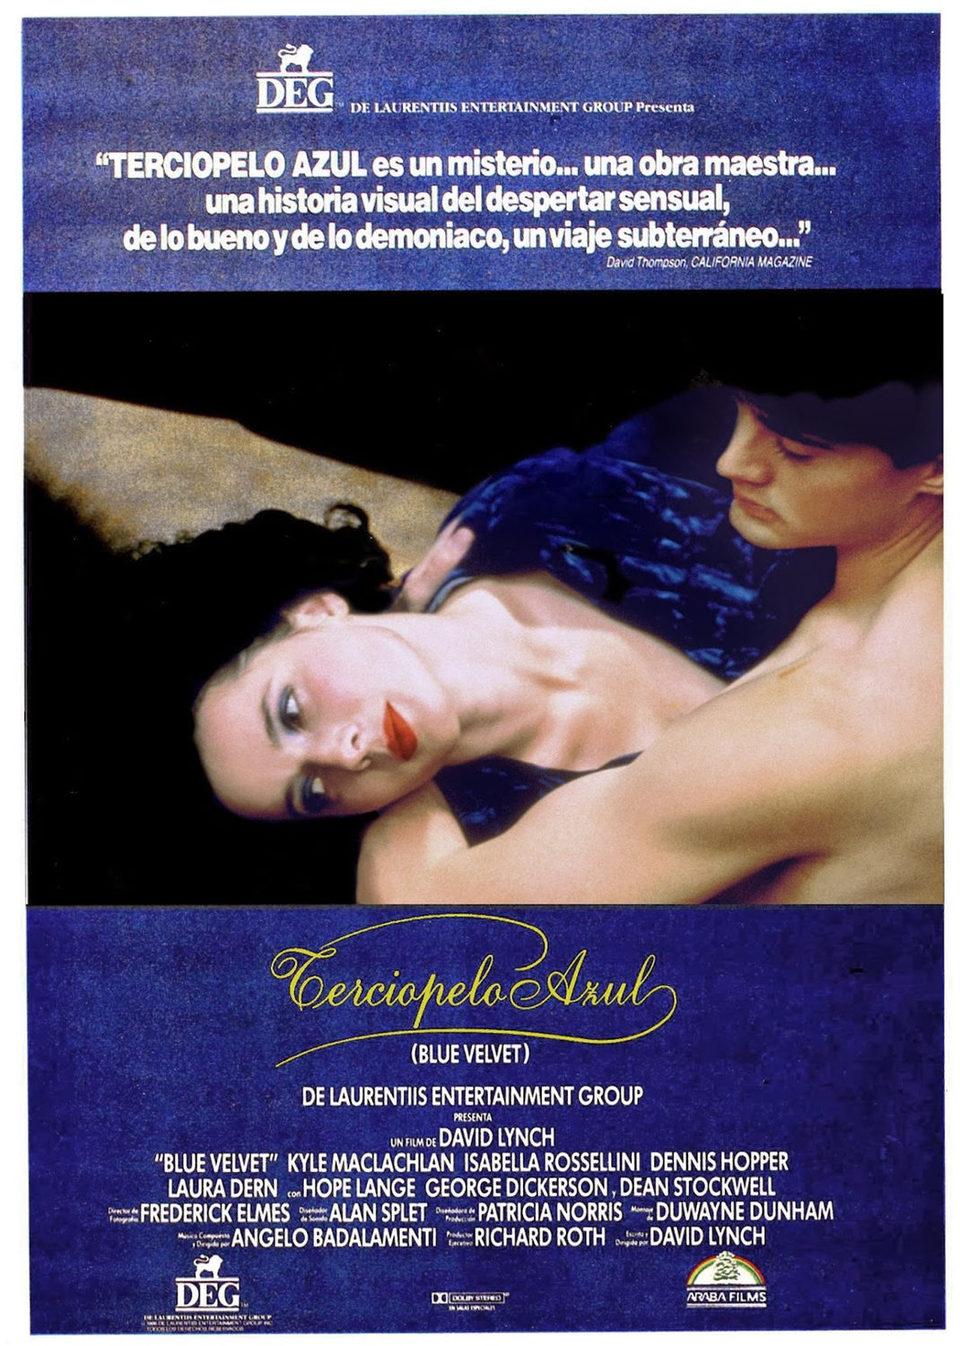 Cartel España de 'Terciopelo azul'